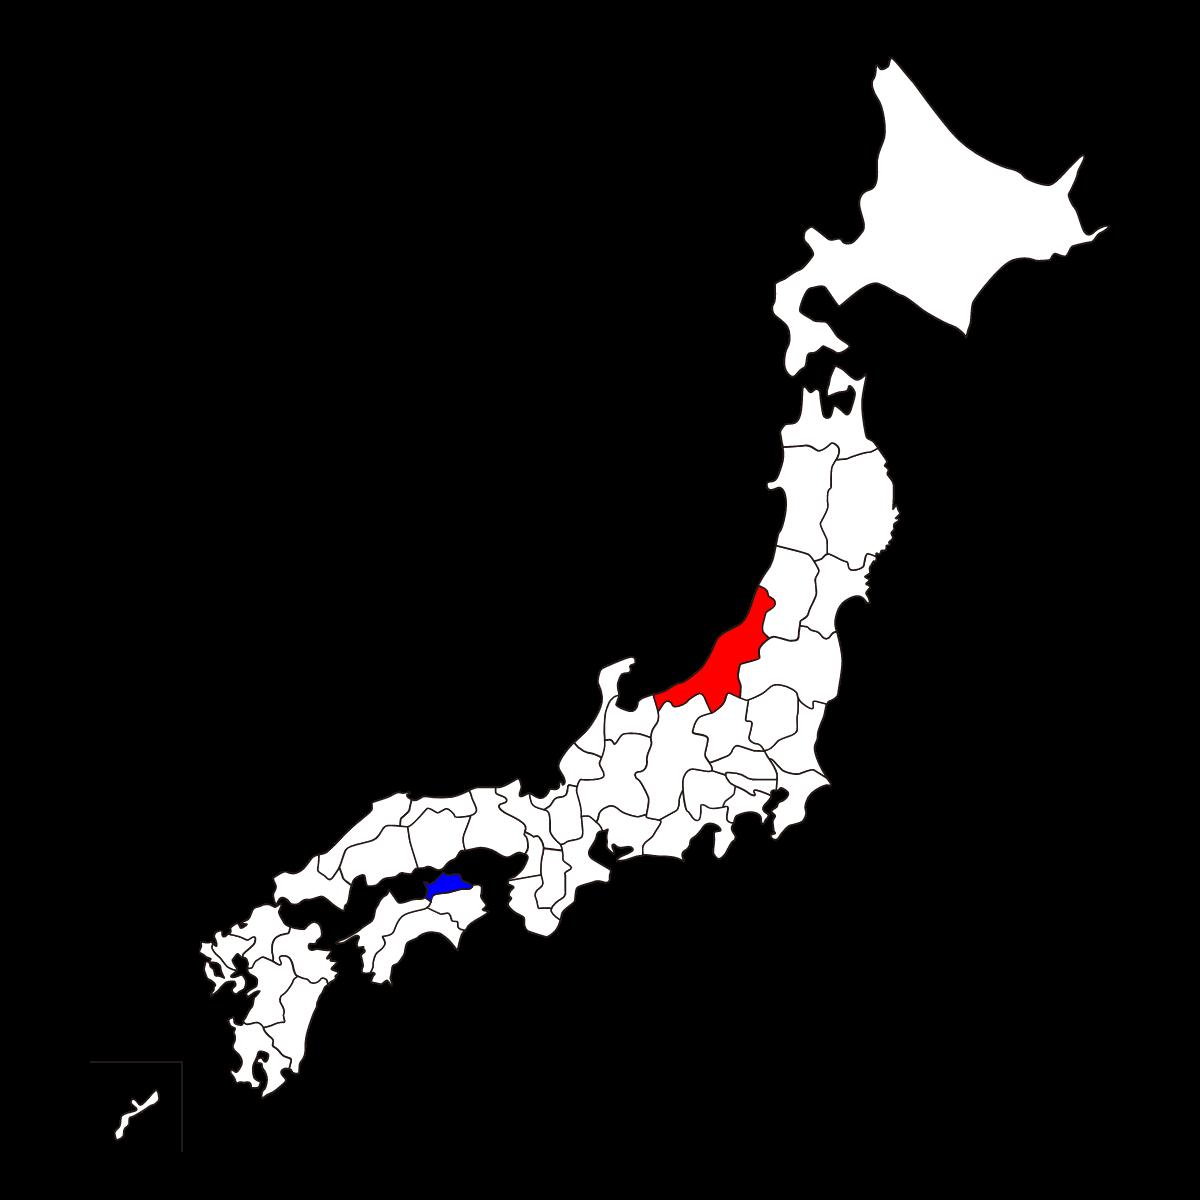 ランキング 日本 面積 日本の高層ビルランキング(2020年時点)